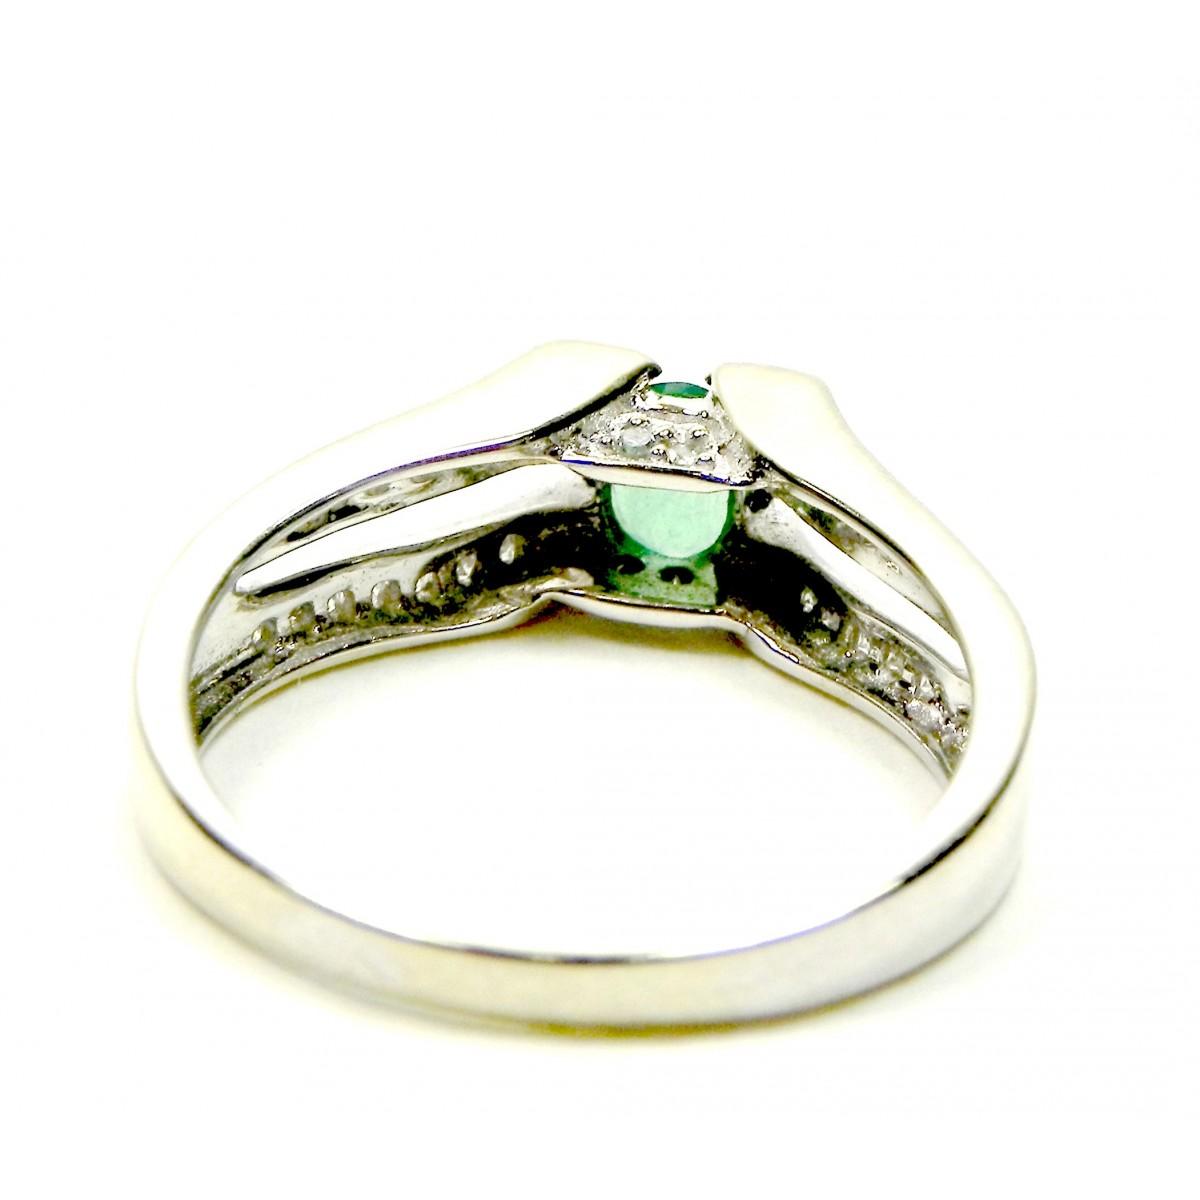 Souvent Bague moderne or gris, émeraude, diamants - Muse & Or UR35